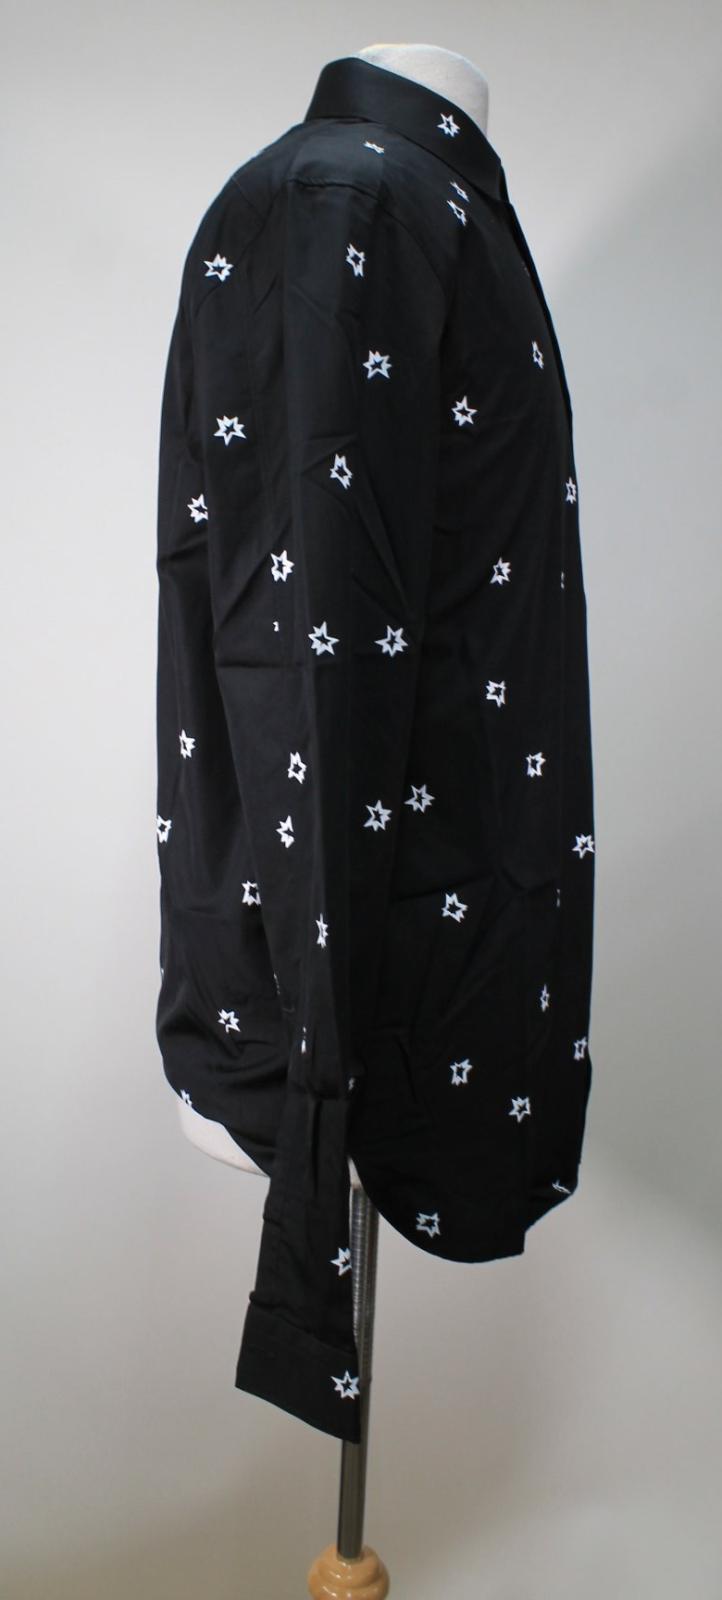 Neil-Barrett-Hombre-Negro-Algodon-Estampado-de-Estrellas-Calce-Ajustado-Camisa-Con-Cuello-16-5-034 miniatura 4